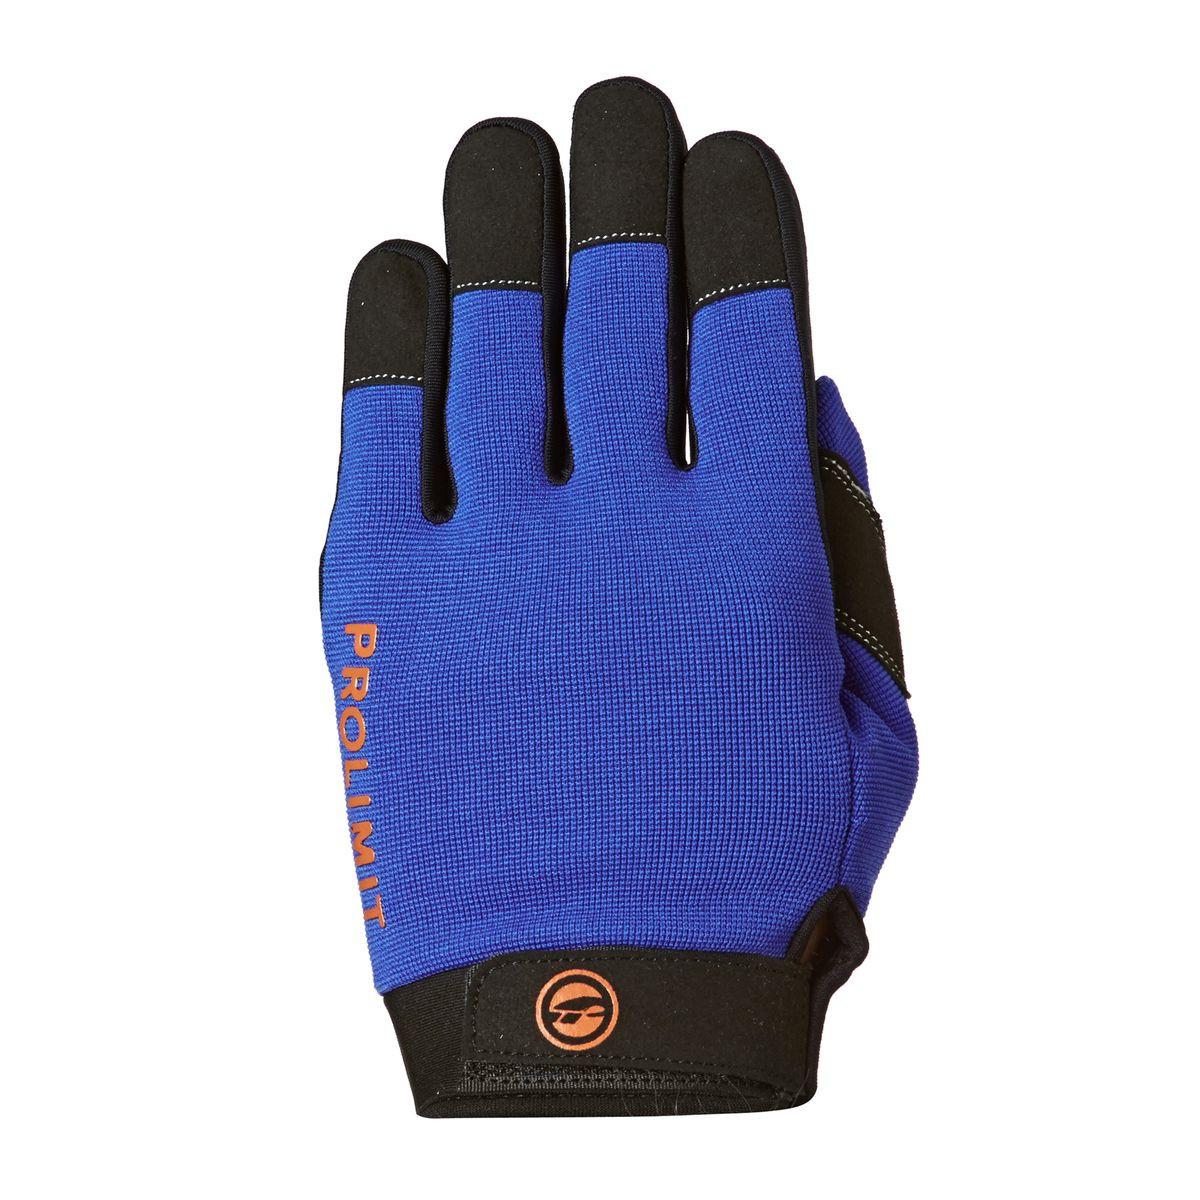 Prolimit Summer Long Finger Wetsuit Gloves - Black